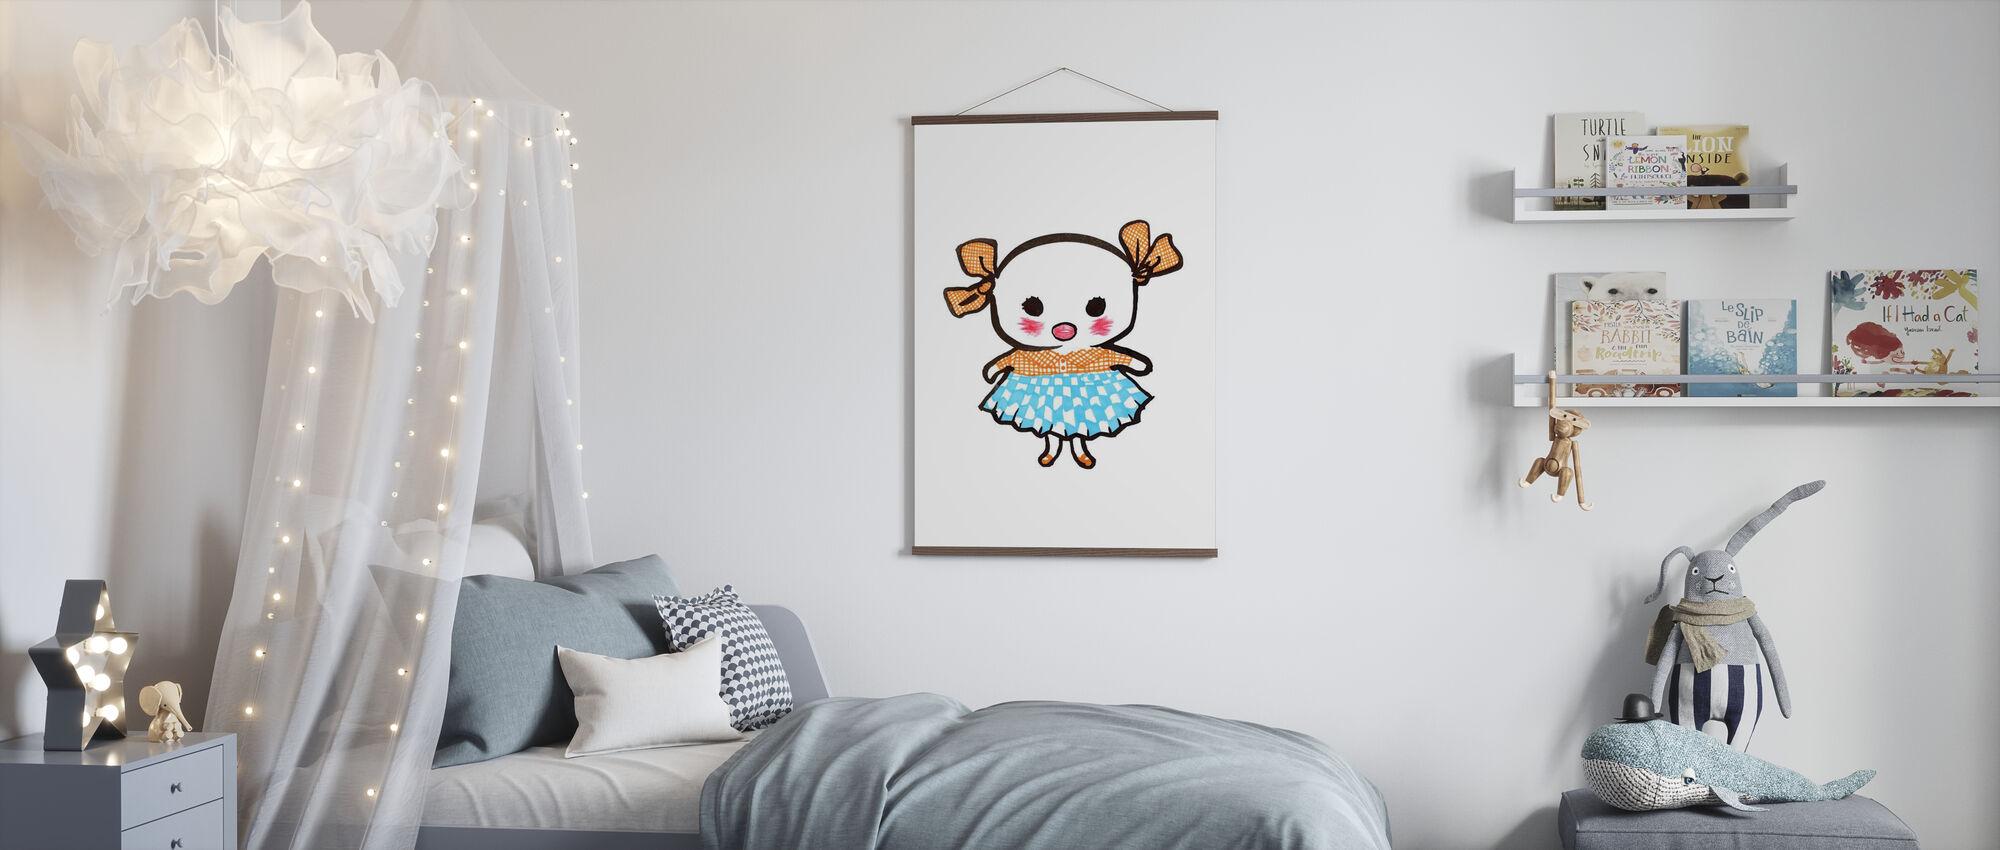 Lill-Stina - Affiche - Chambre des enfants